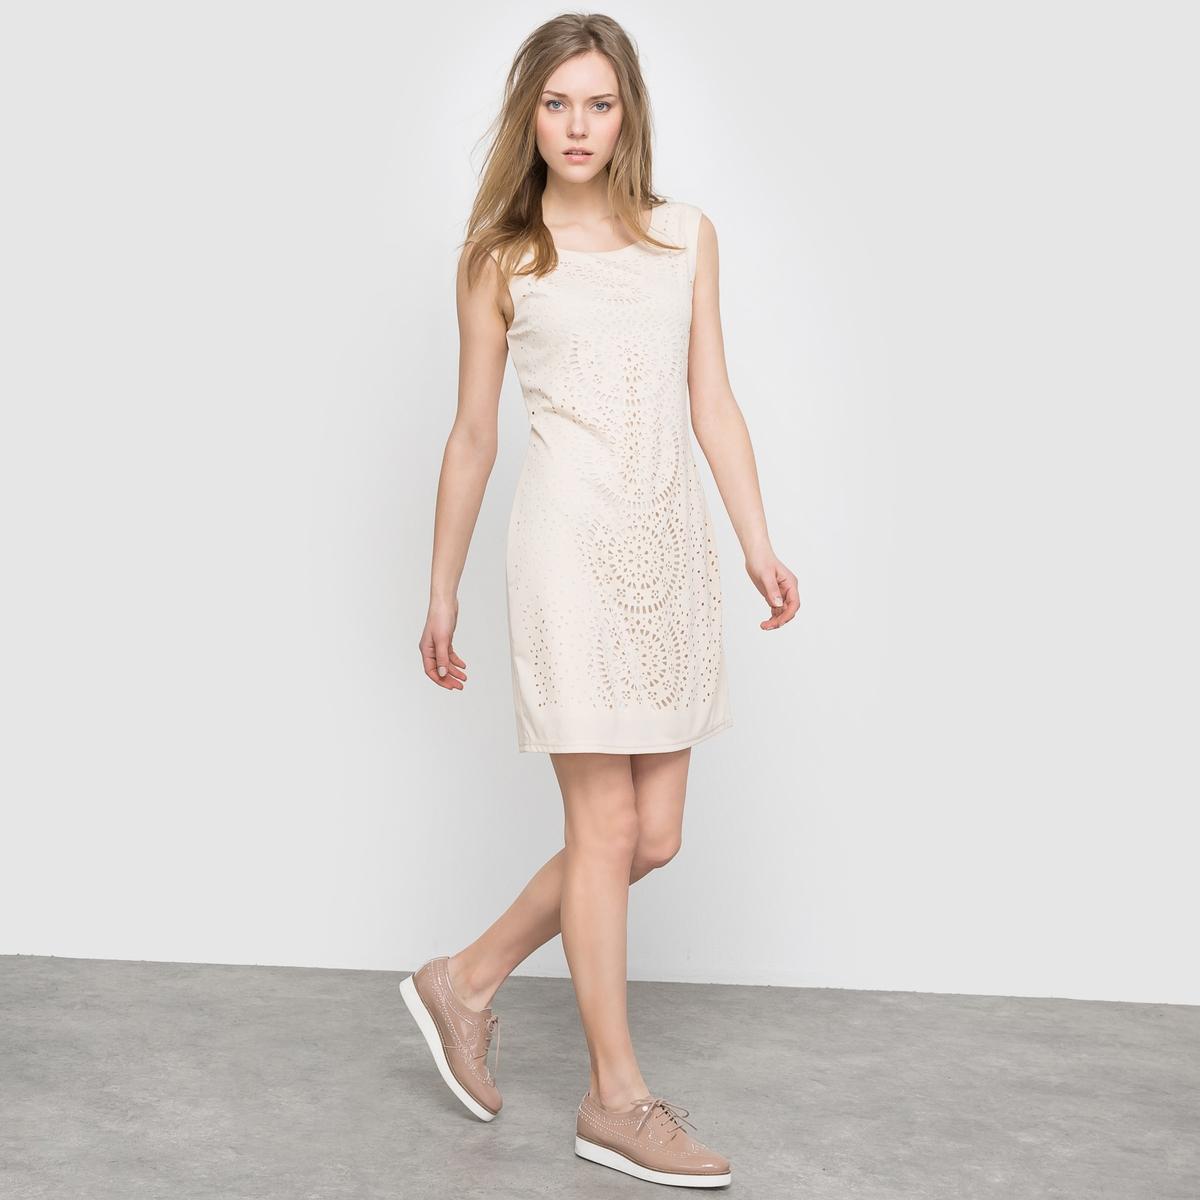 Платье ажурное без рукавов - MOLLY BRACKEN, LADIES WOVEN DRESSСостав и описание:Материал: 100% полиэстера.Марка: MOLLY BRACKEN<br><br>Цвет: бежевый